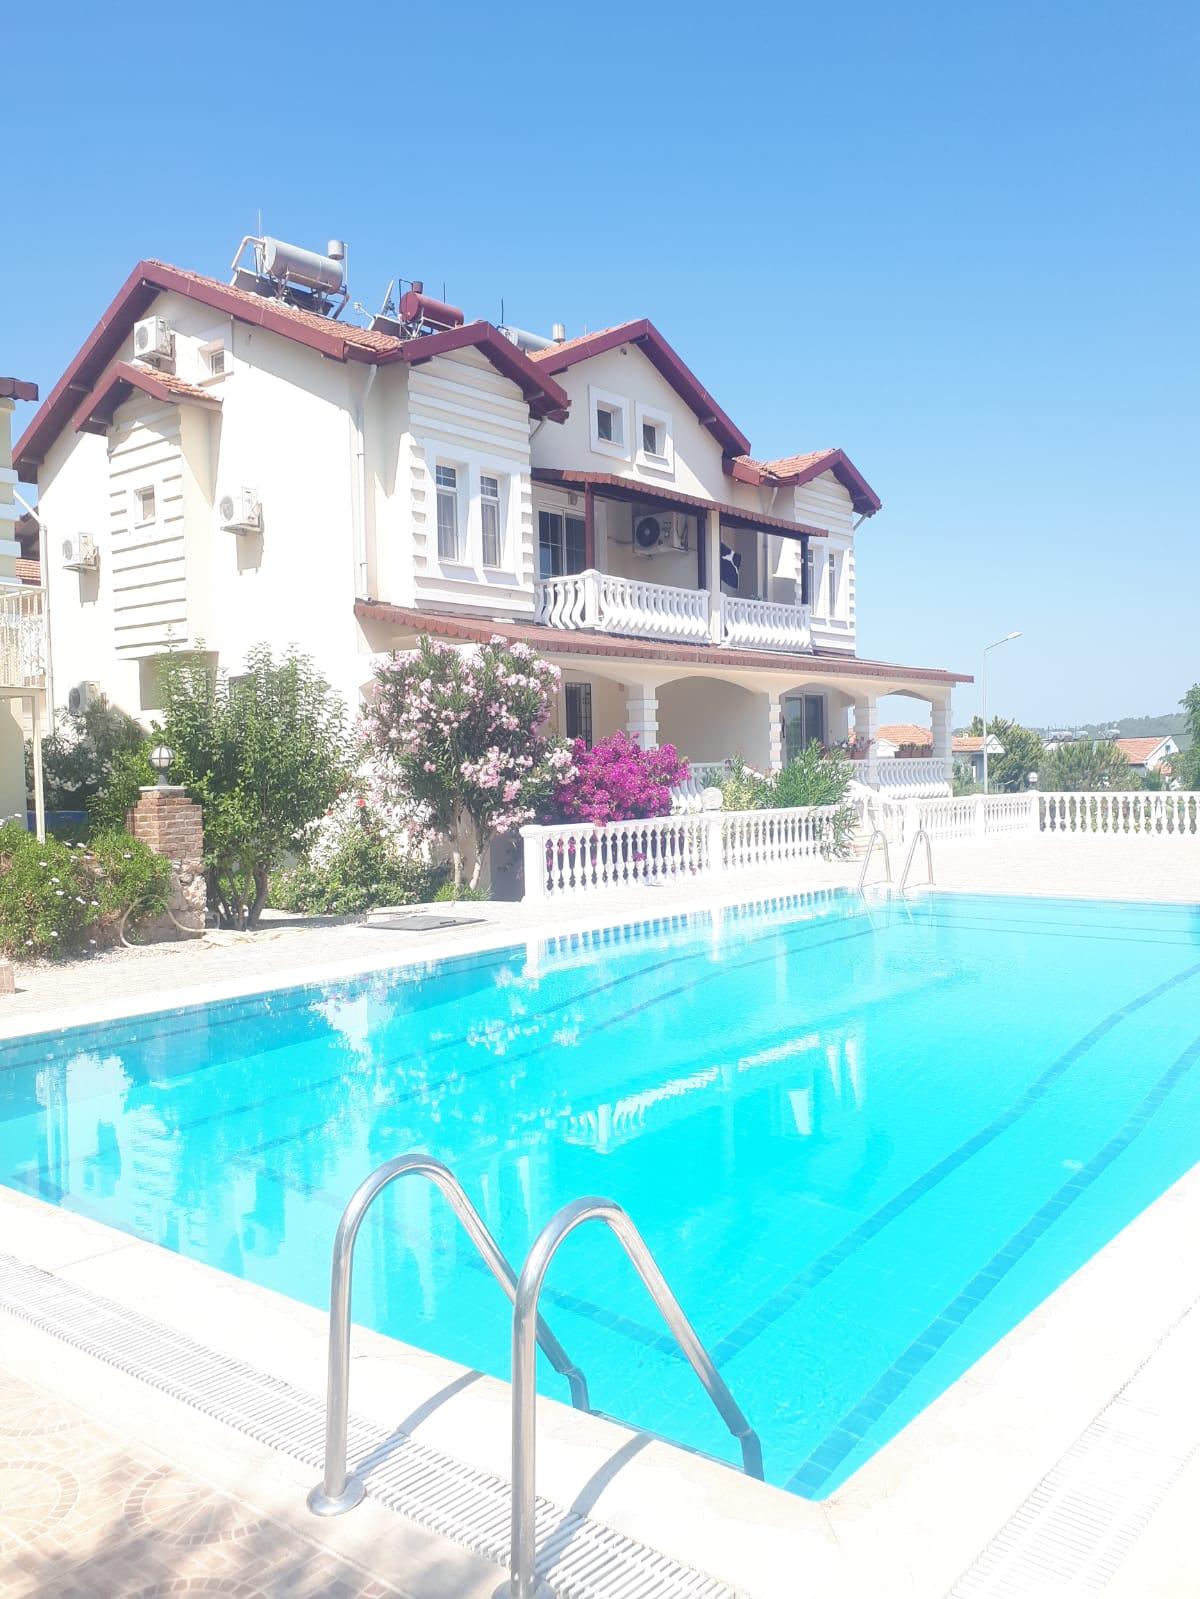 4 Bedroom Fully furnished Duplex Apartment – Fethiye, Ovacik